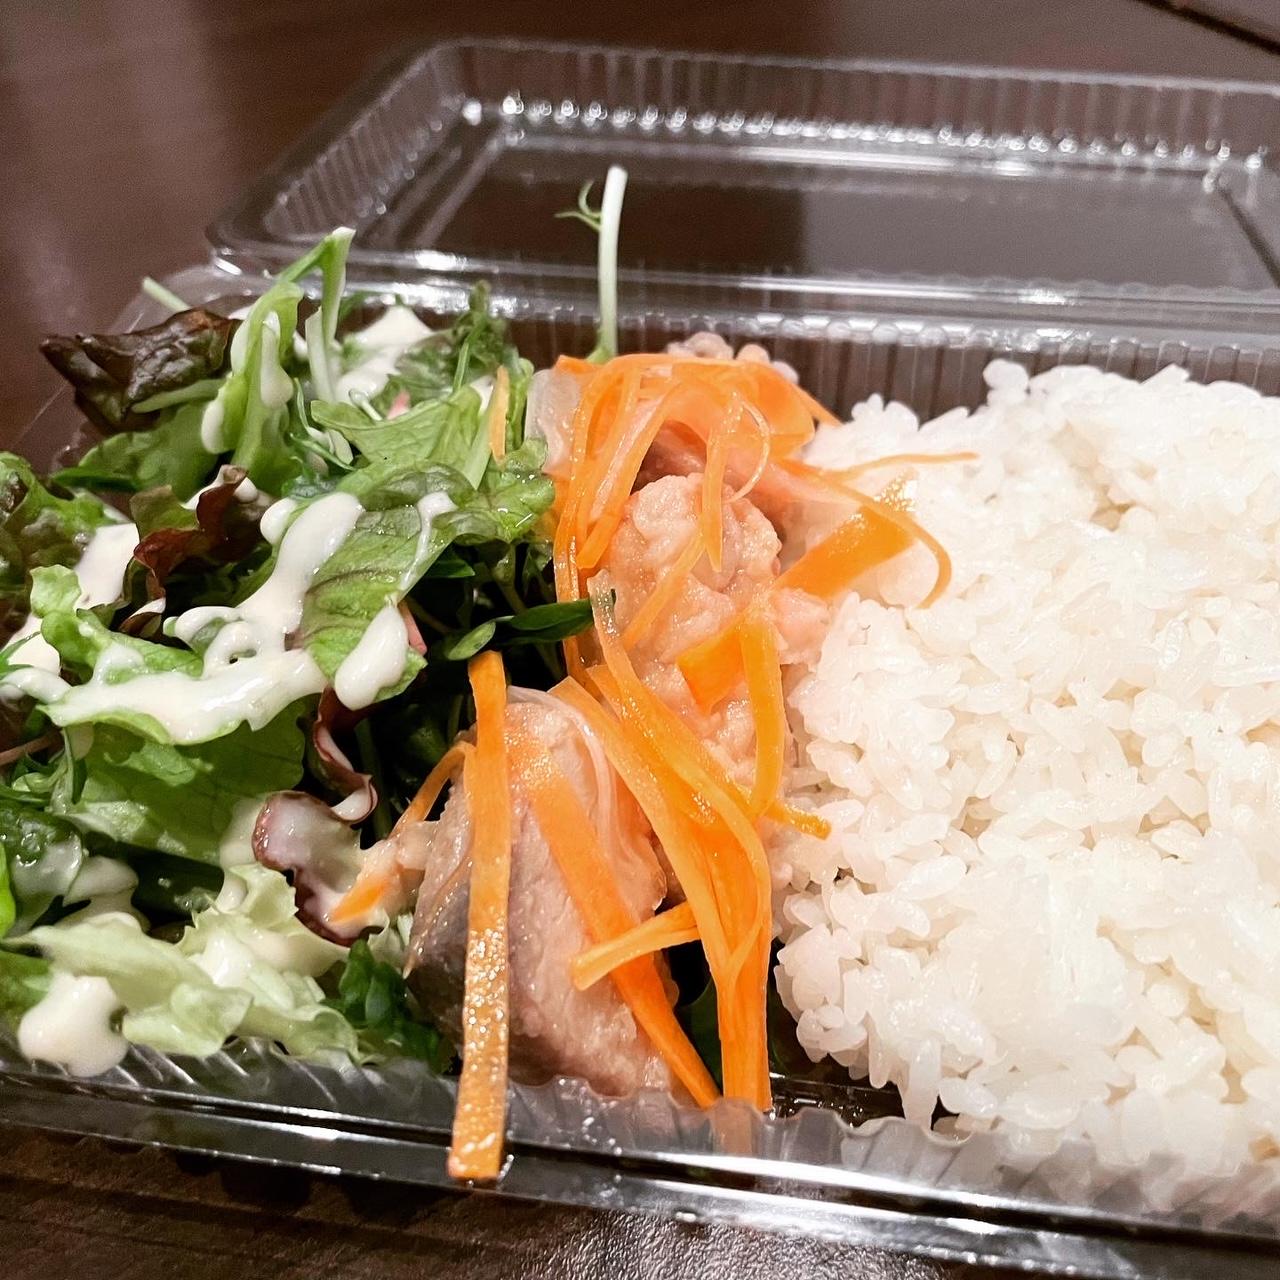 柔らか牛タンシチューセット(ライス、野菜、一品付き)